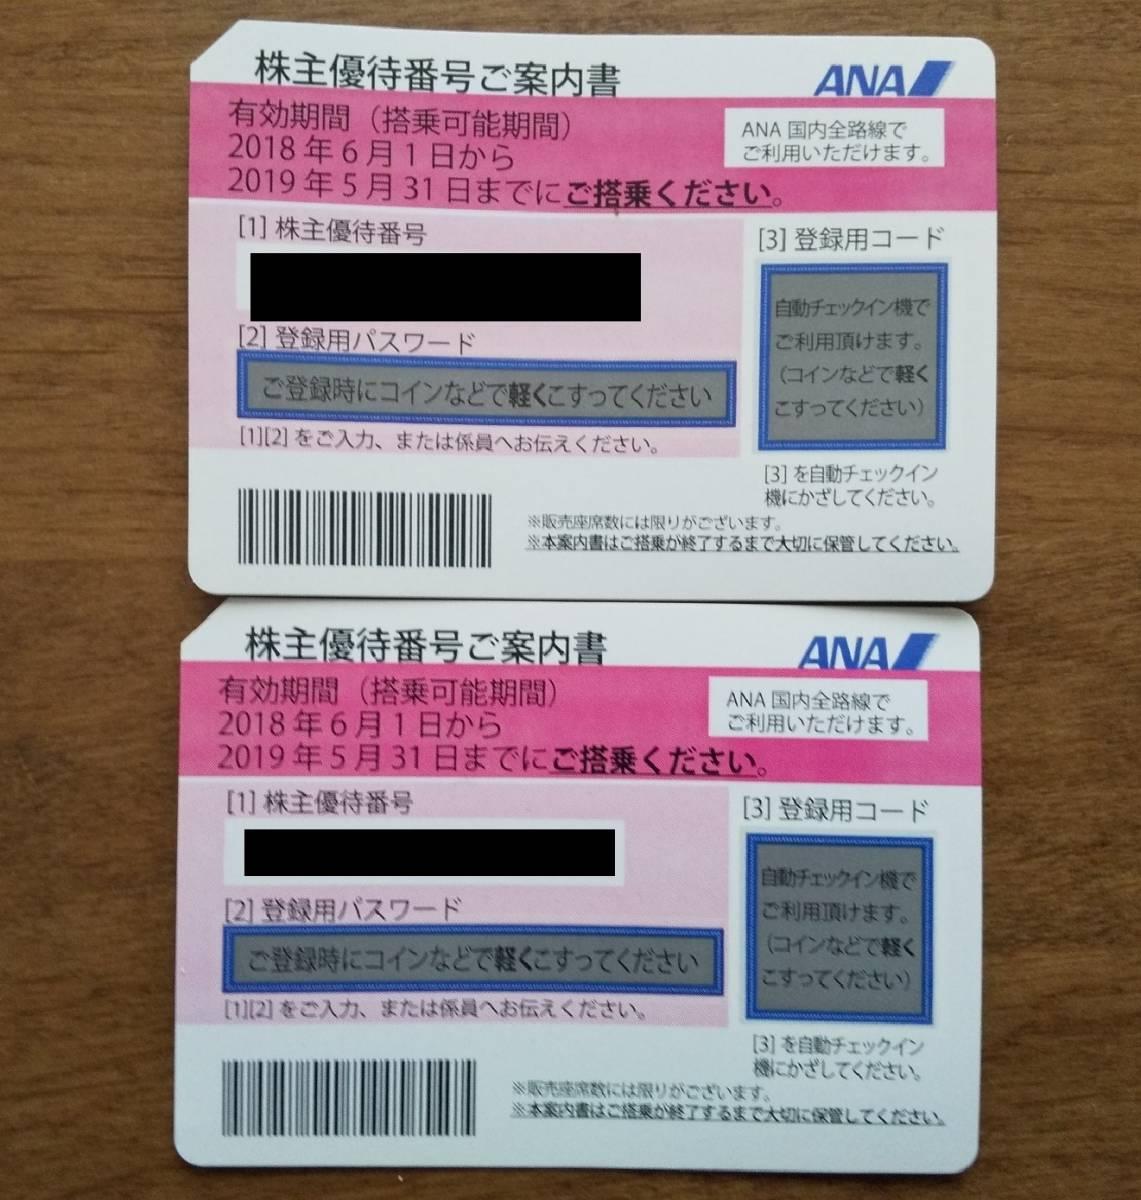 ★送料無料★ ANA株主優待券 2枚 2019年5月31日まで 番号通知にも対応!